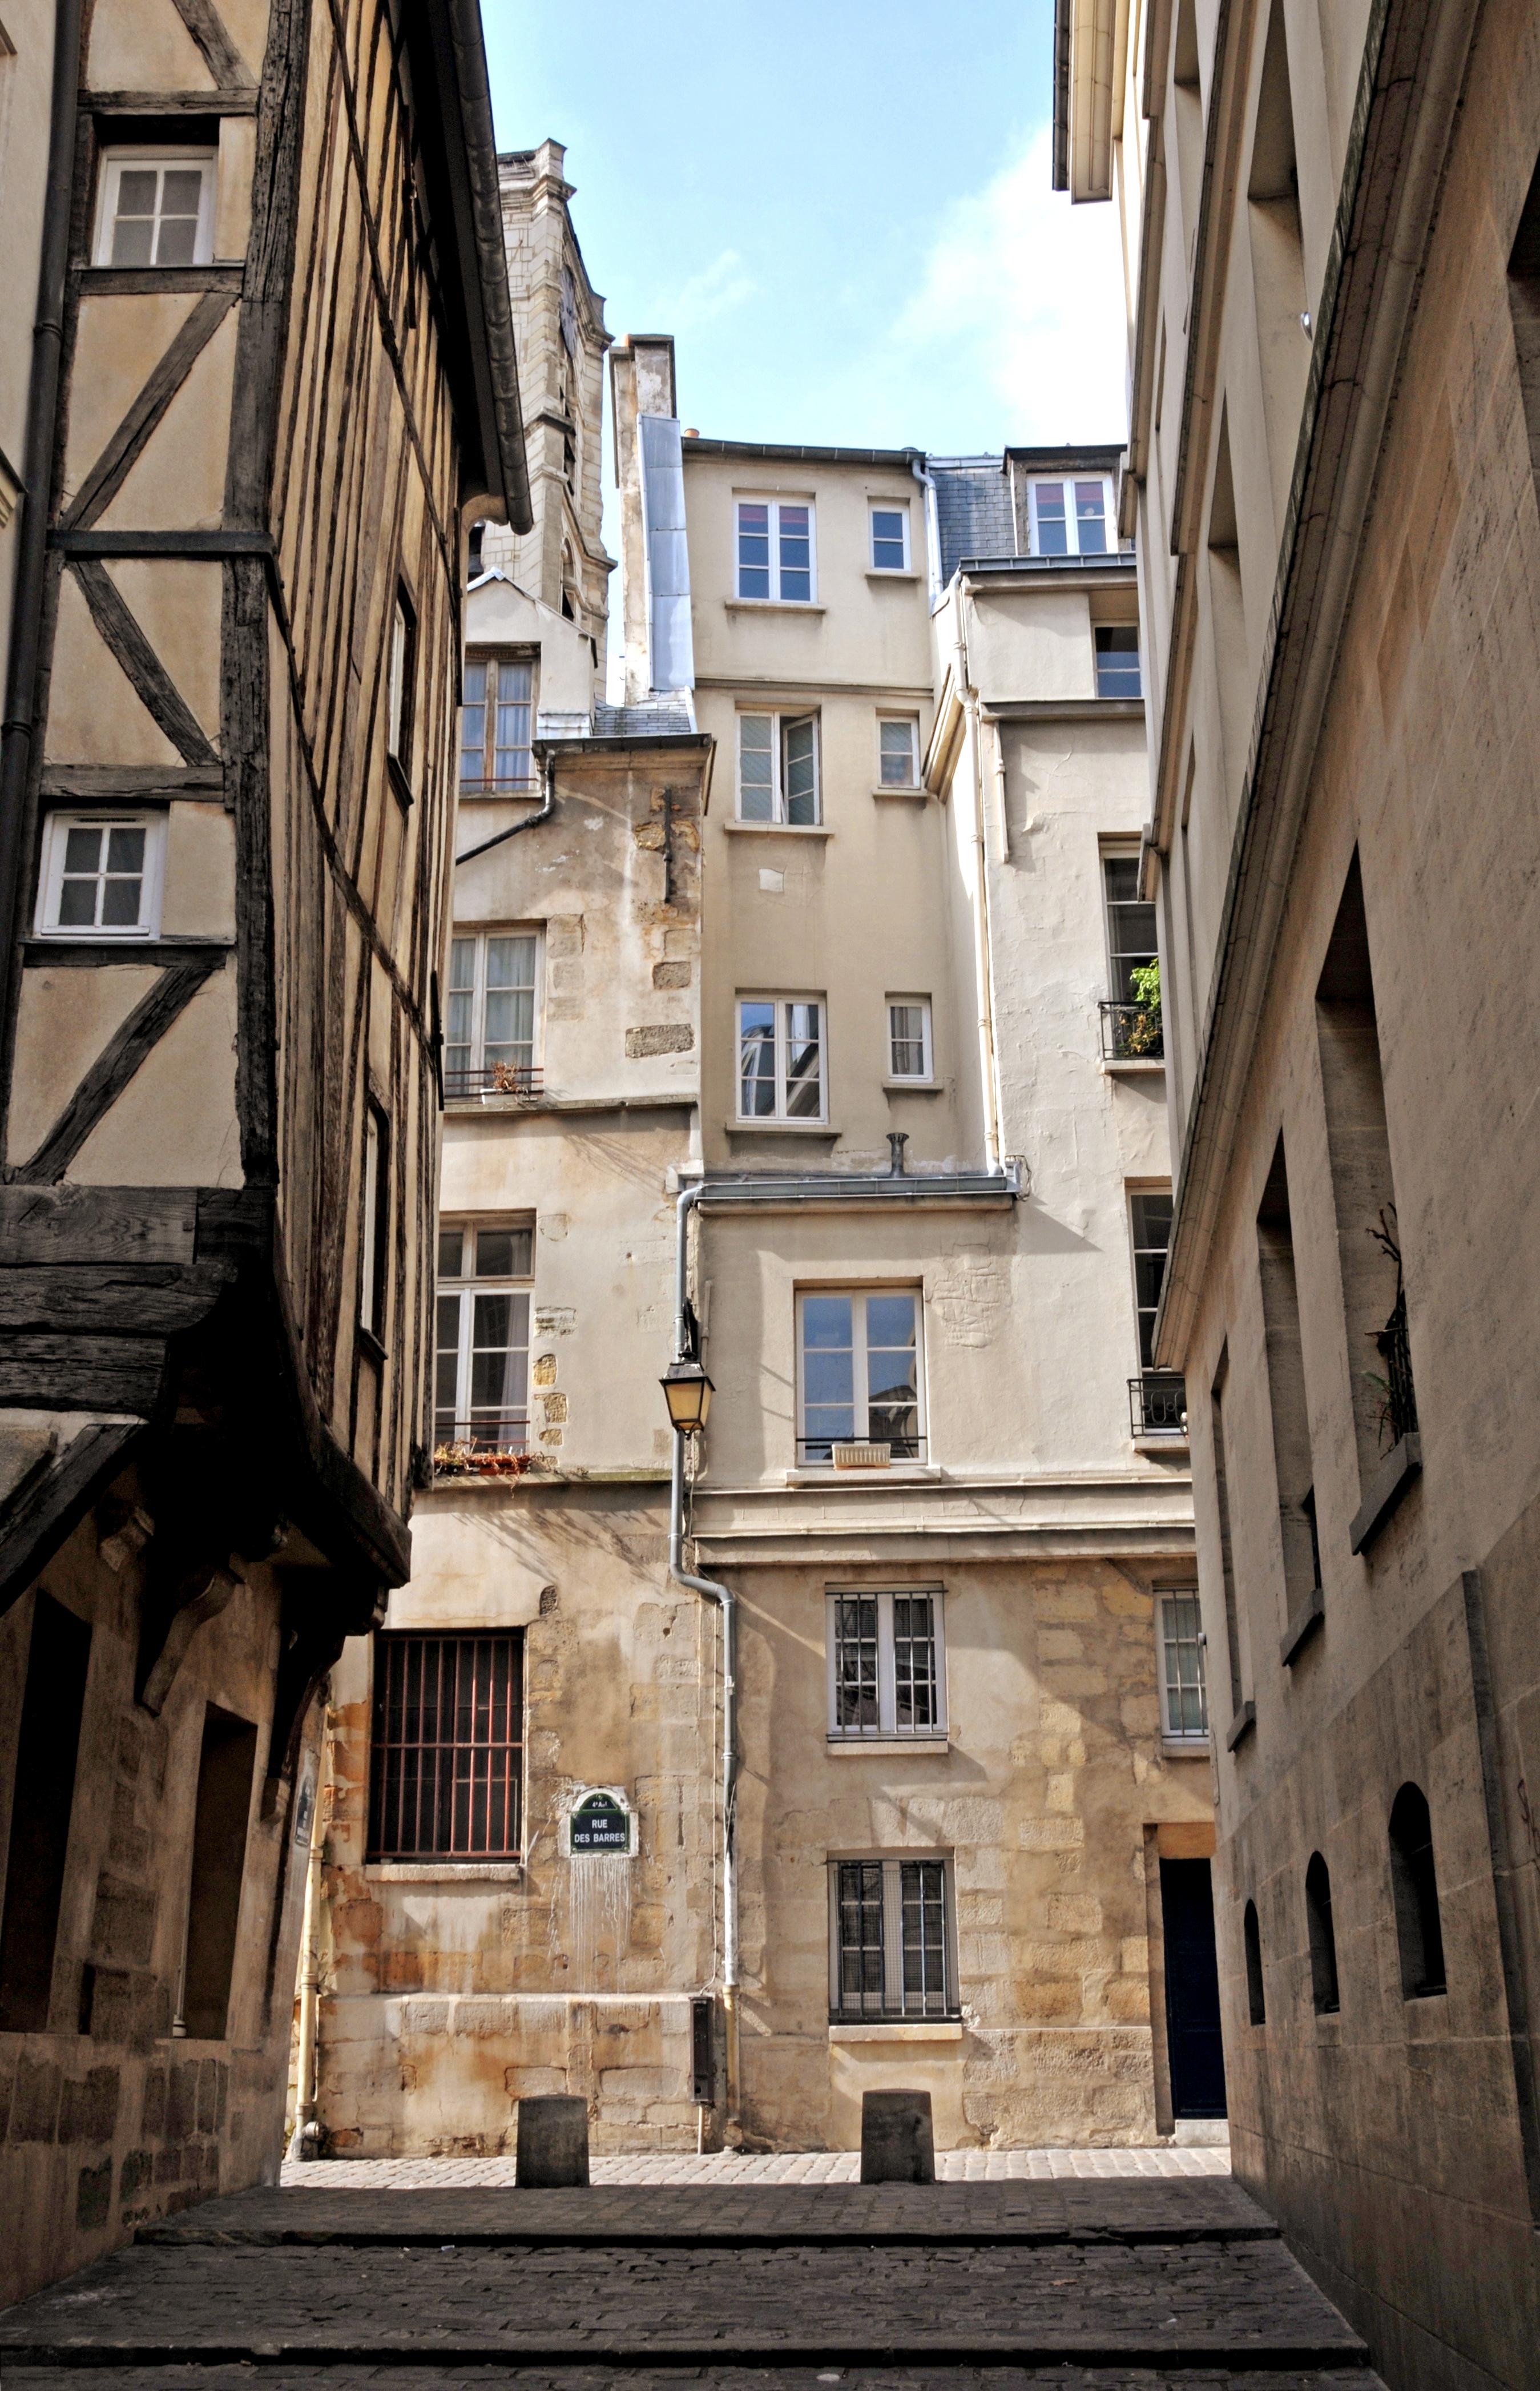 scandalous + historic...ahh, Paris